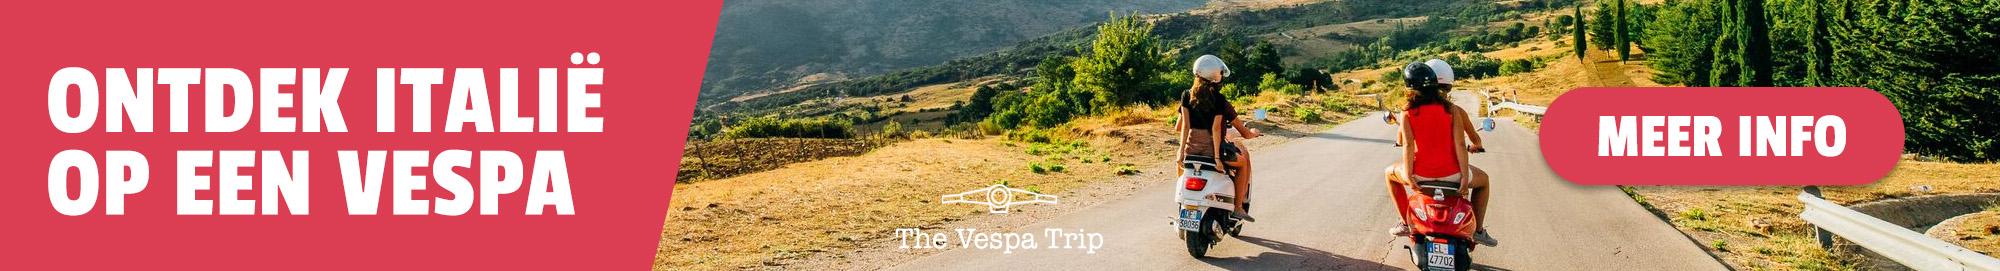 Ontdek Italië op een Vespa!